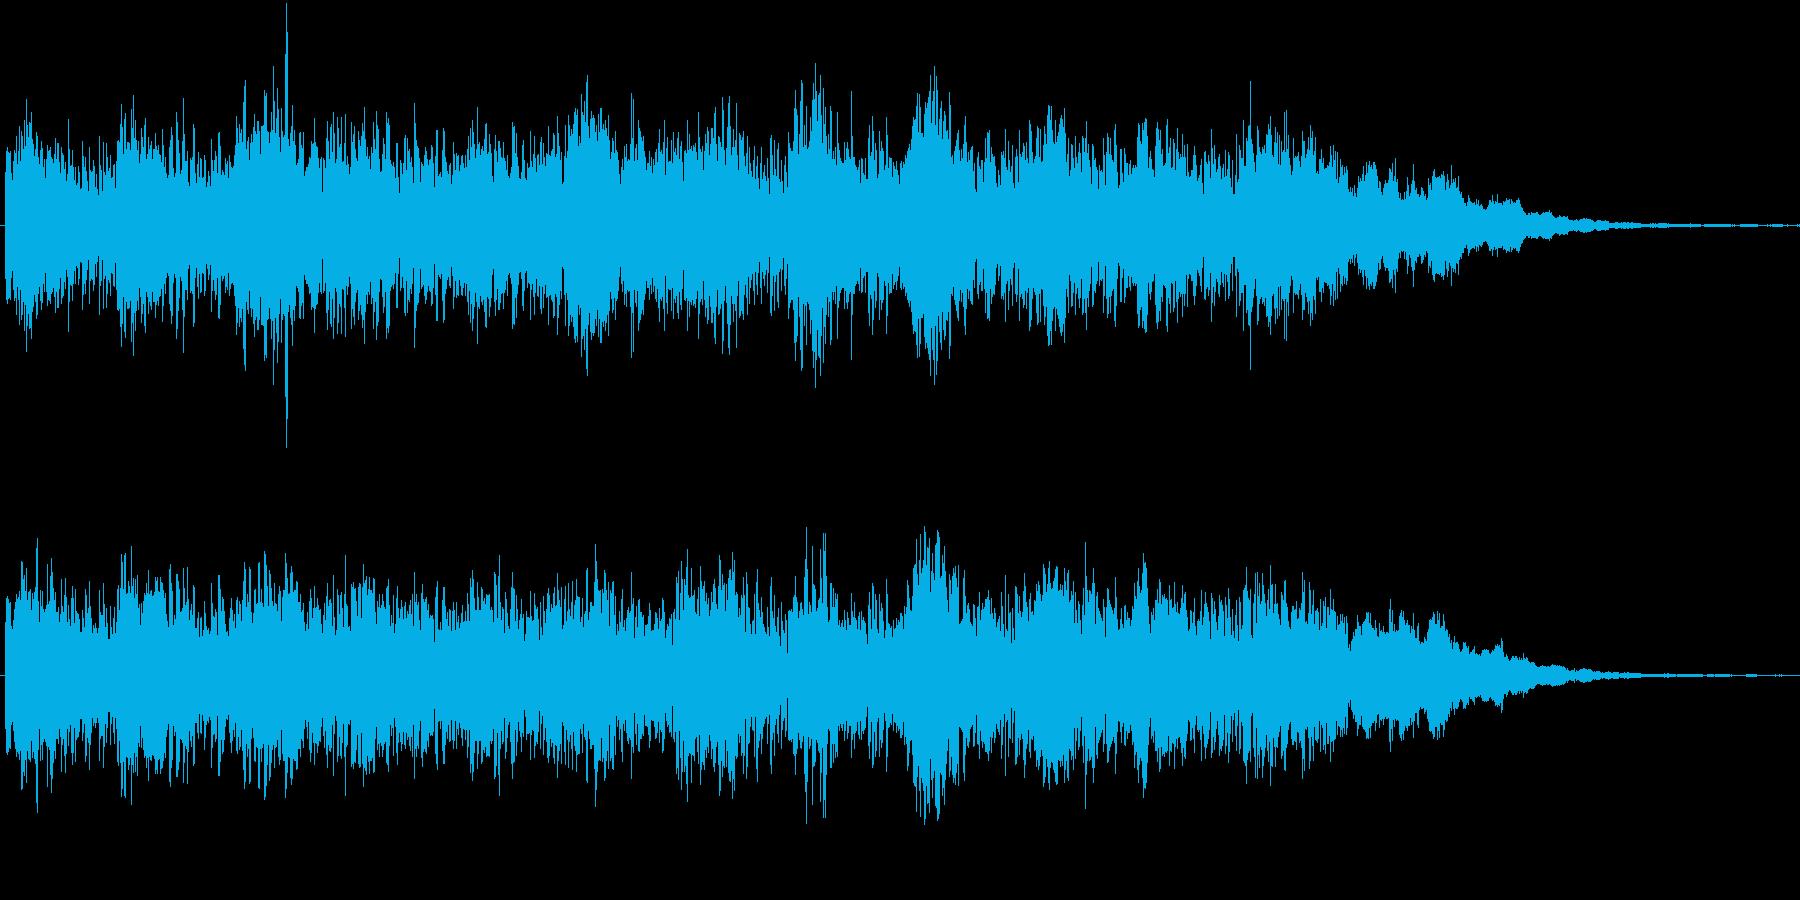 シンセの音色が印象的な奇妙なジングルの再生済みの波形